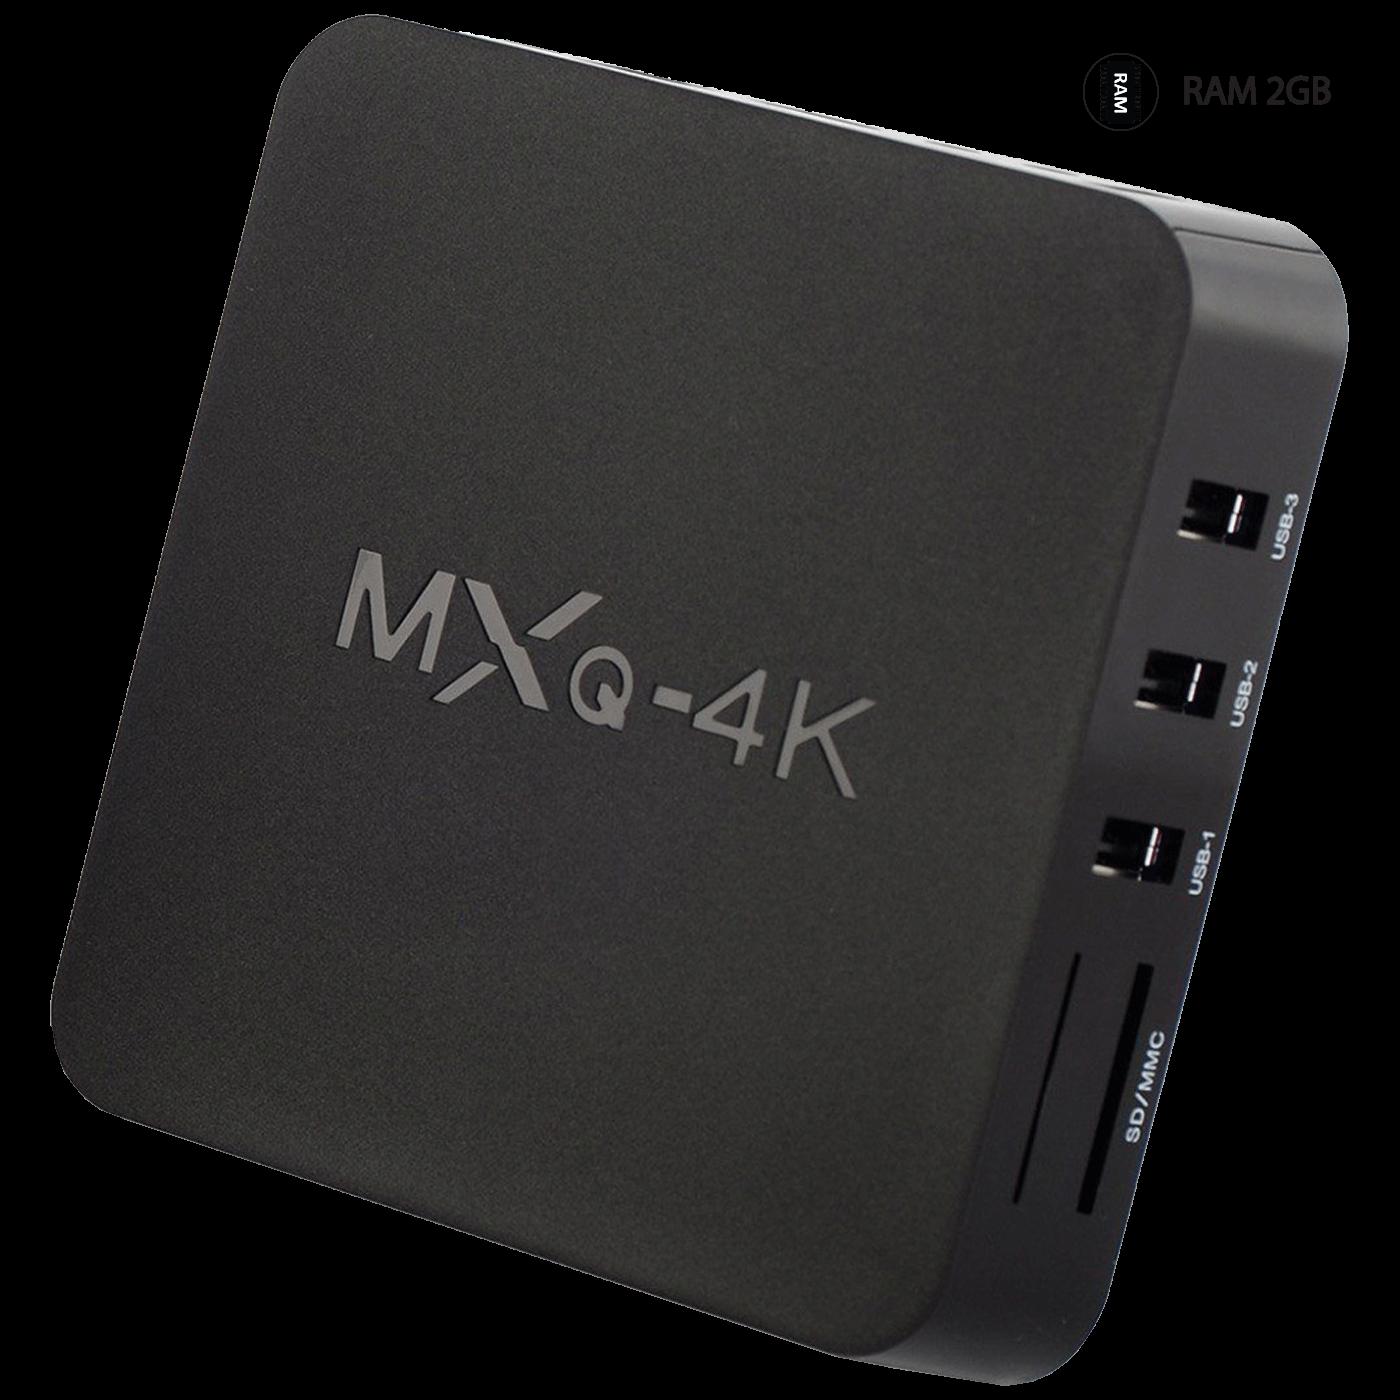 MXQ-4K 2GB